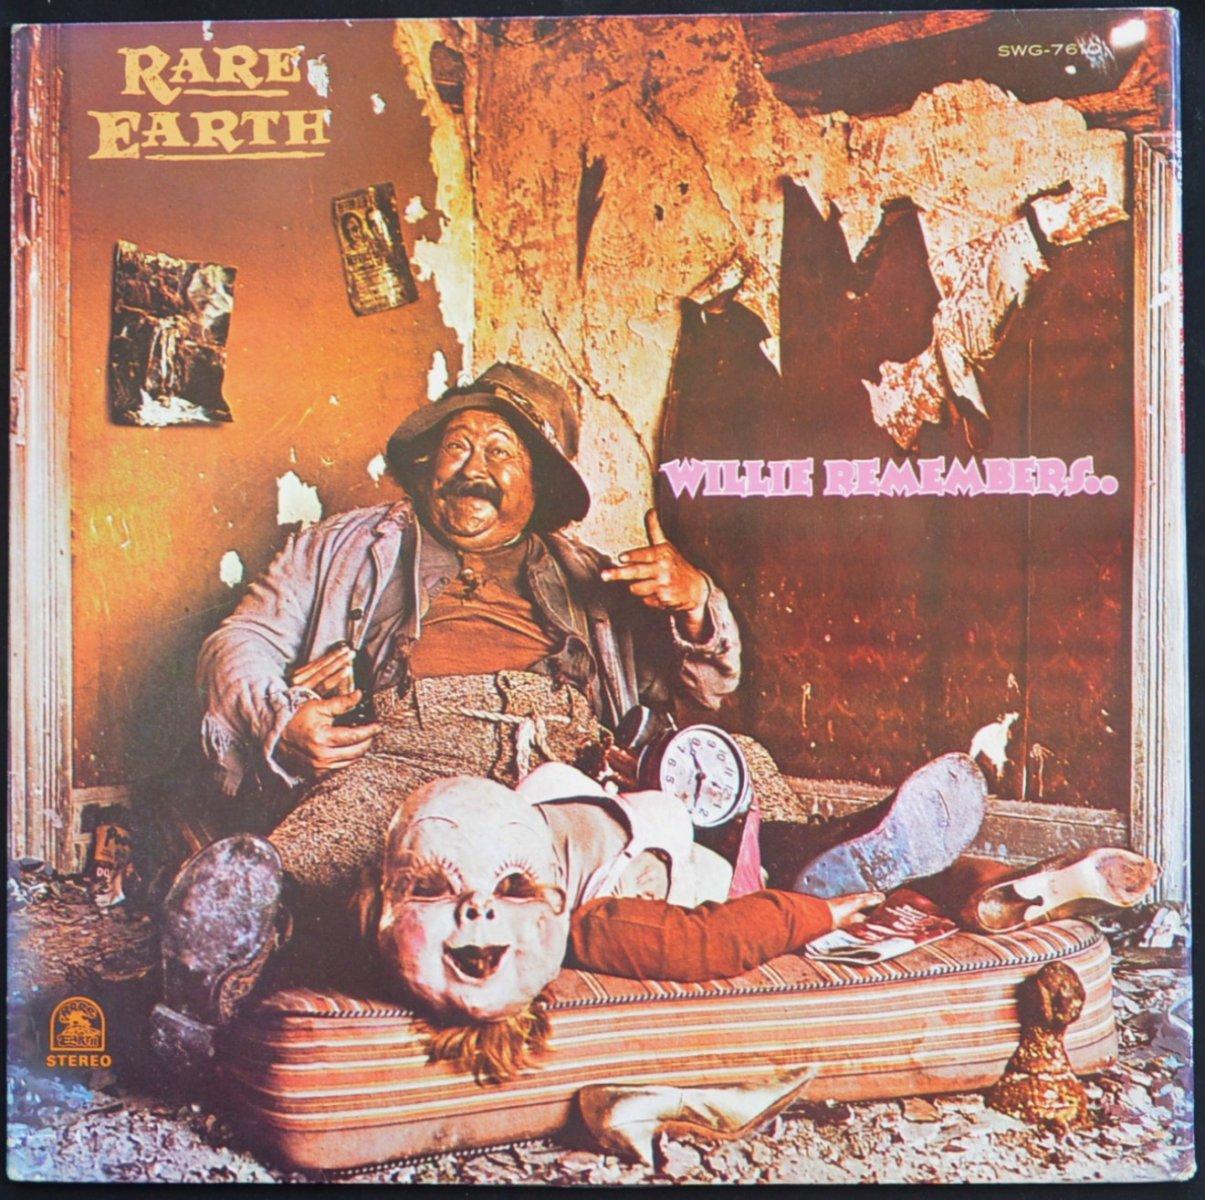 レア・アース RARE EARTH / ウイリー・リメンバーズ WILLIE REMEMBERS (LP)